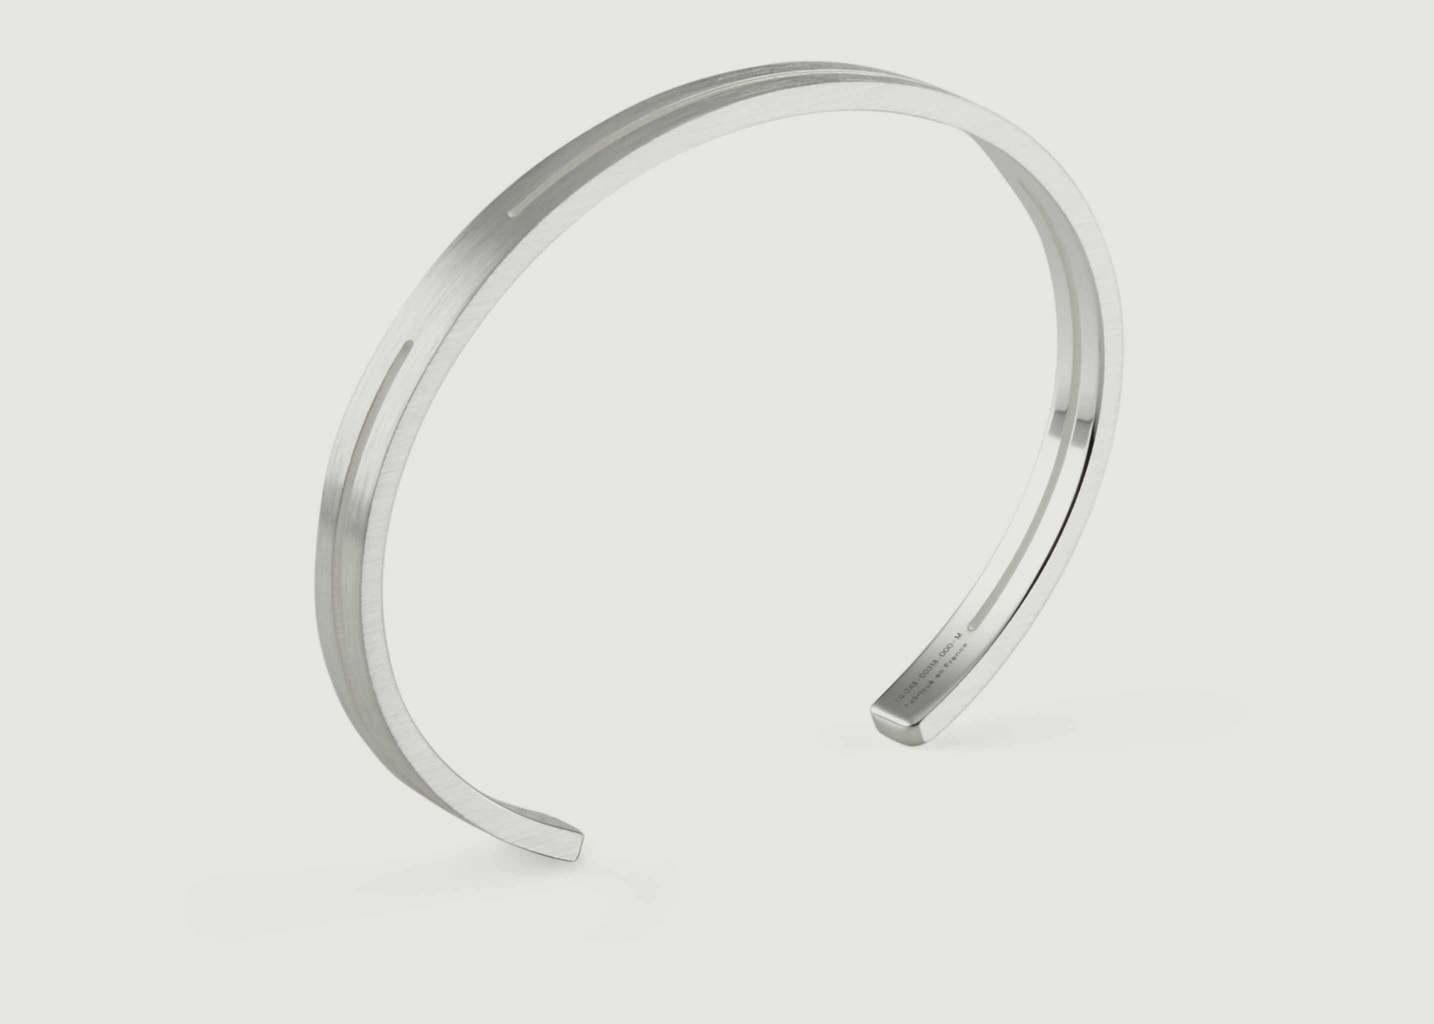 Bracelet Le 13 Grammes - Le Gramme